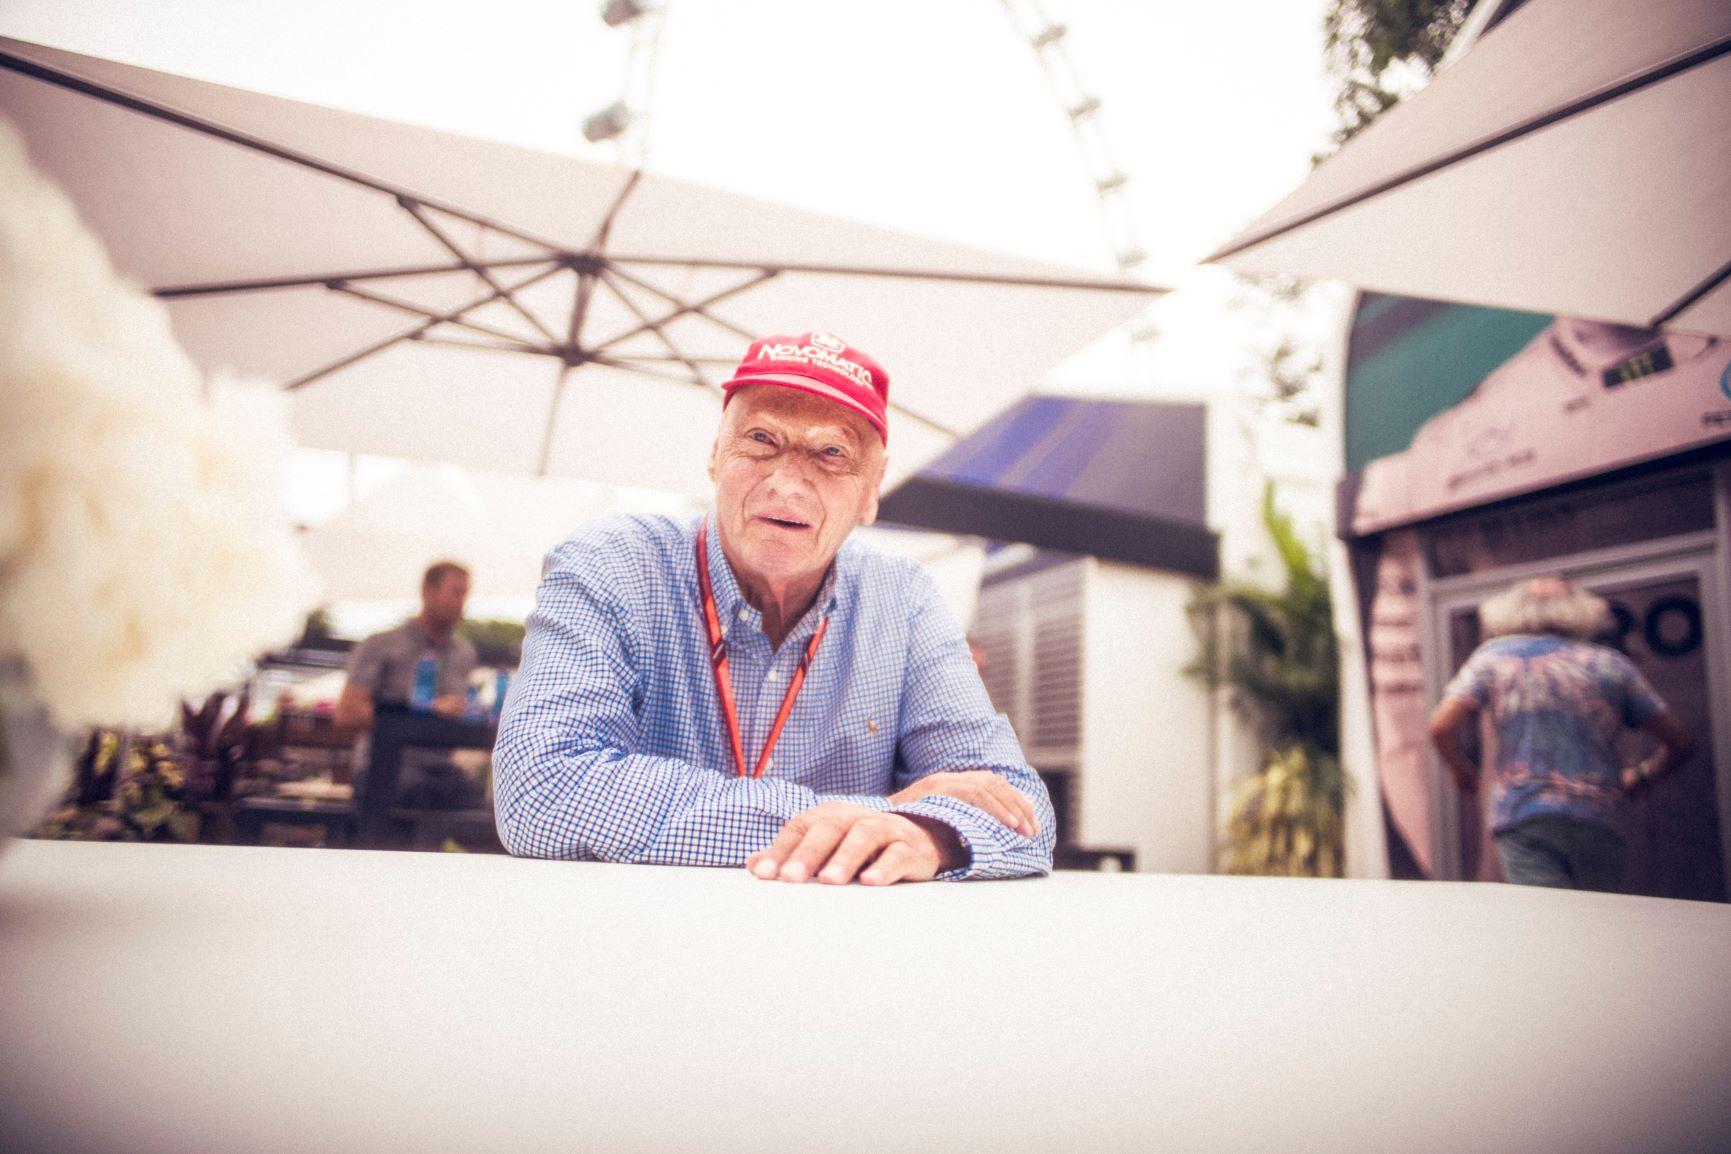 圖3 Formula 1 傳奇人物 - Mercedes-AMG Petronas 車隊非執行董事 Niki Lauda(1949-2019).jpg